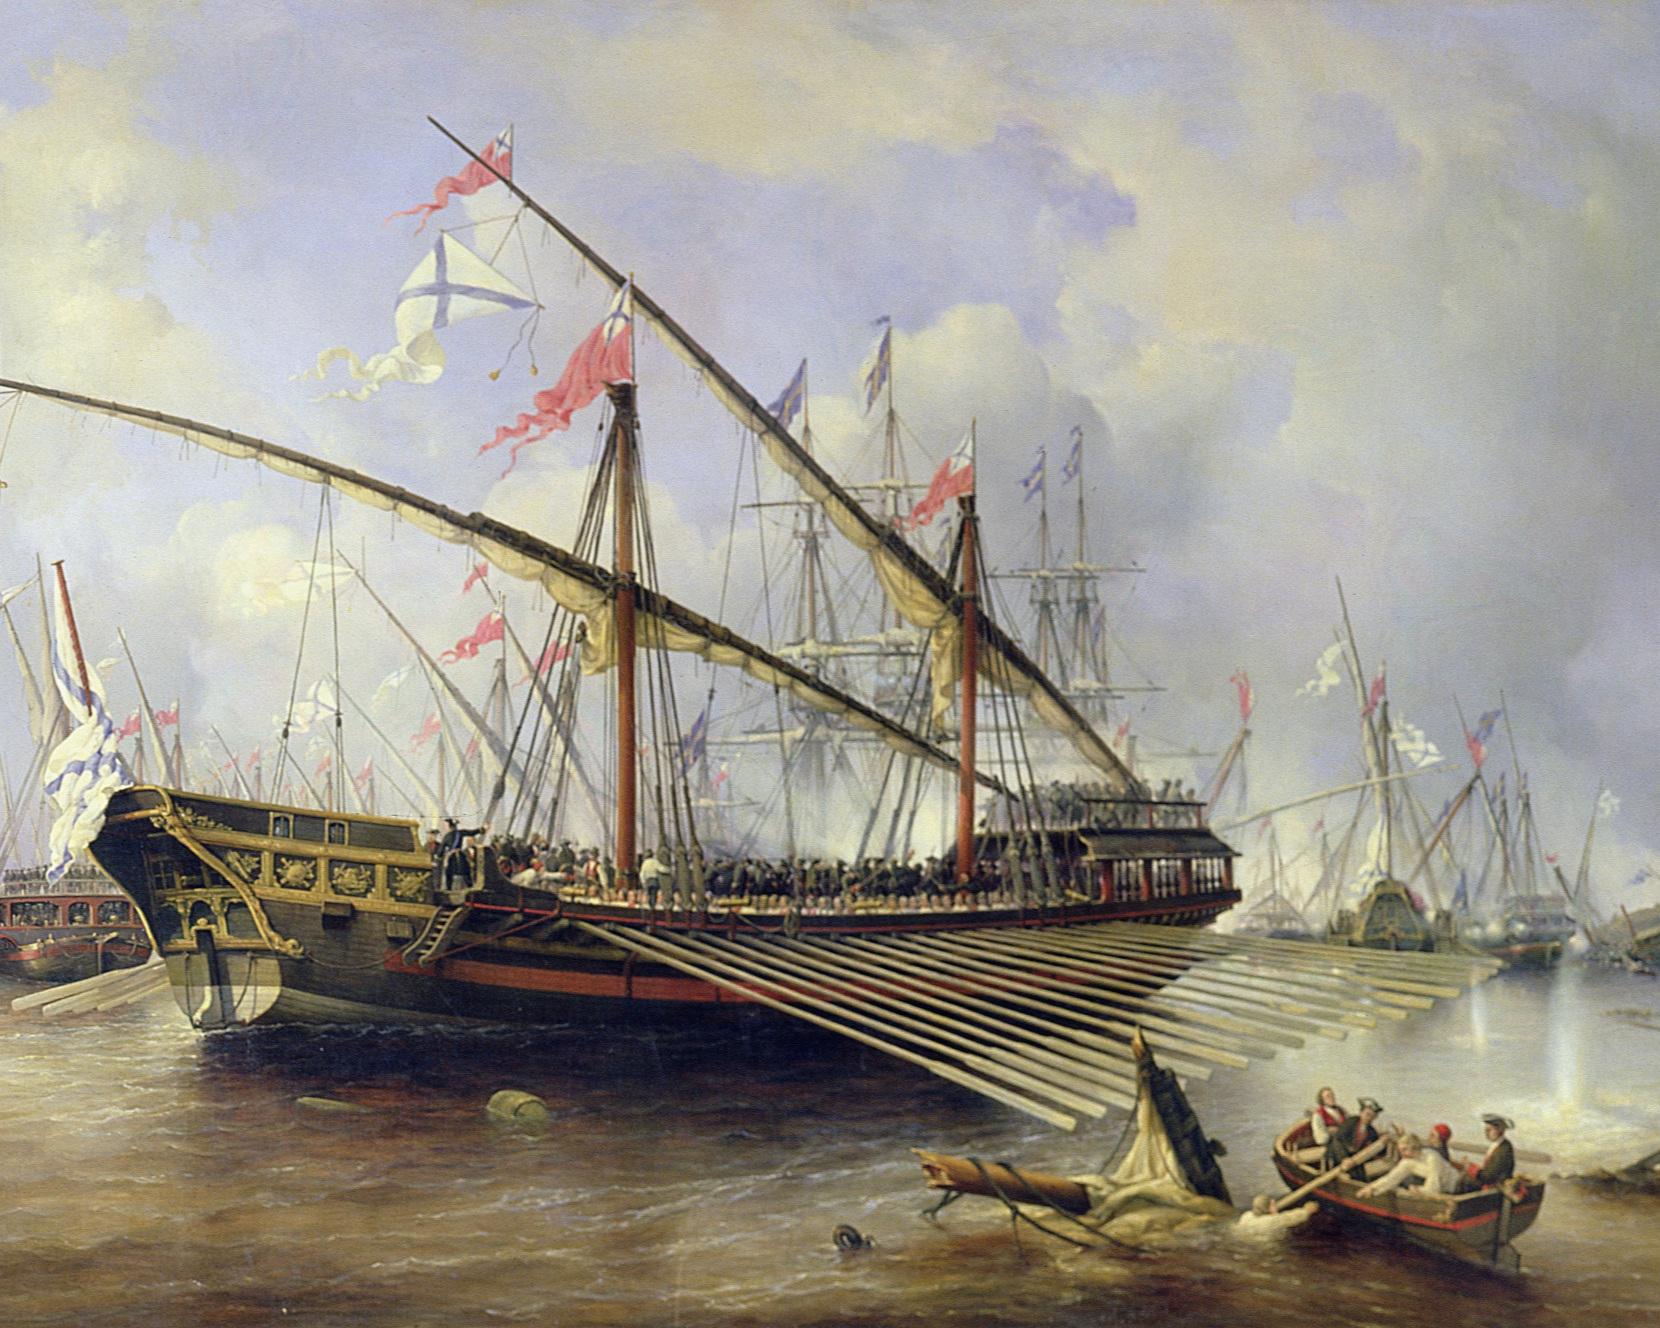 Målningen av Ferdinand Victor Perrot föreställer ett av de sista slagen mellan svenska och ryska flottan i Nordiska kriget, slaget vid Ledsund på Åland 1720. Huvudmotivet är en rysk galär men bakom den skymtar vi större slagskepp. Galären var synnerligen lämpad för krigföring i skärgården eftersom den är grundgående och jämförelsevis lättmanövrerad. Perrot var främst verksam på 1830-talet, alltså 110 år efter slaget. Ryska centrala marinmuseet, S:t Petersburg.